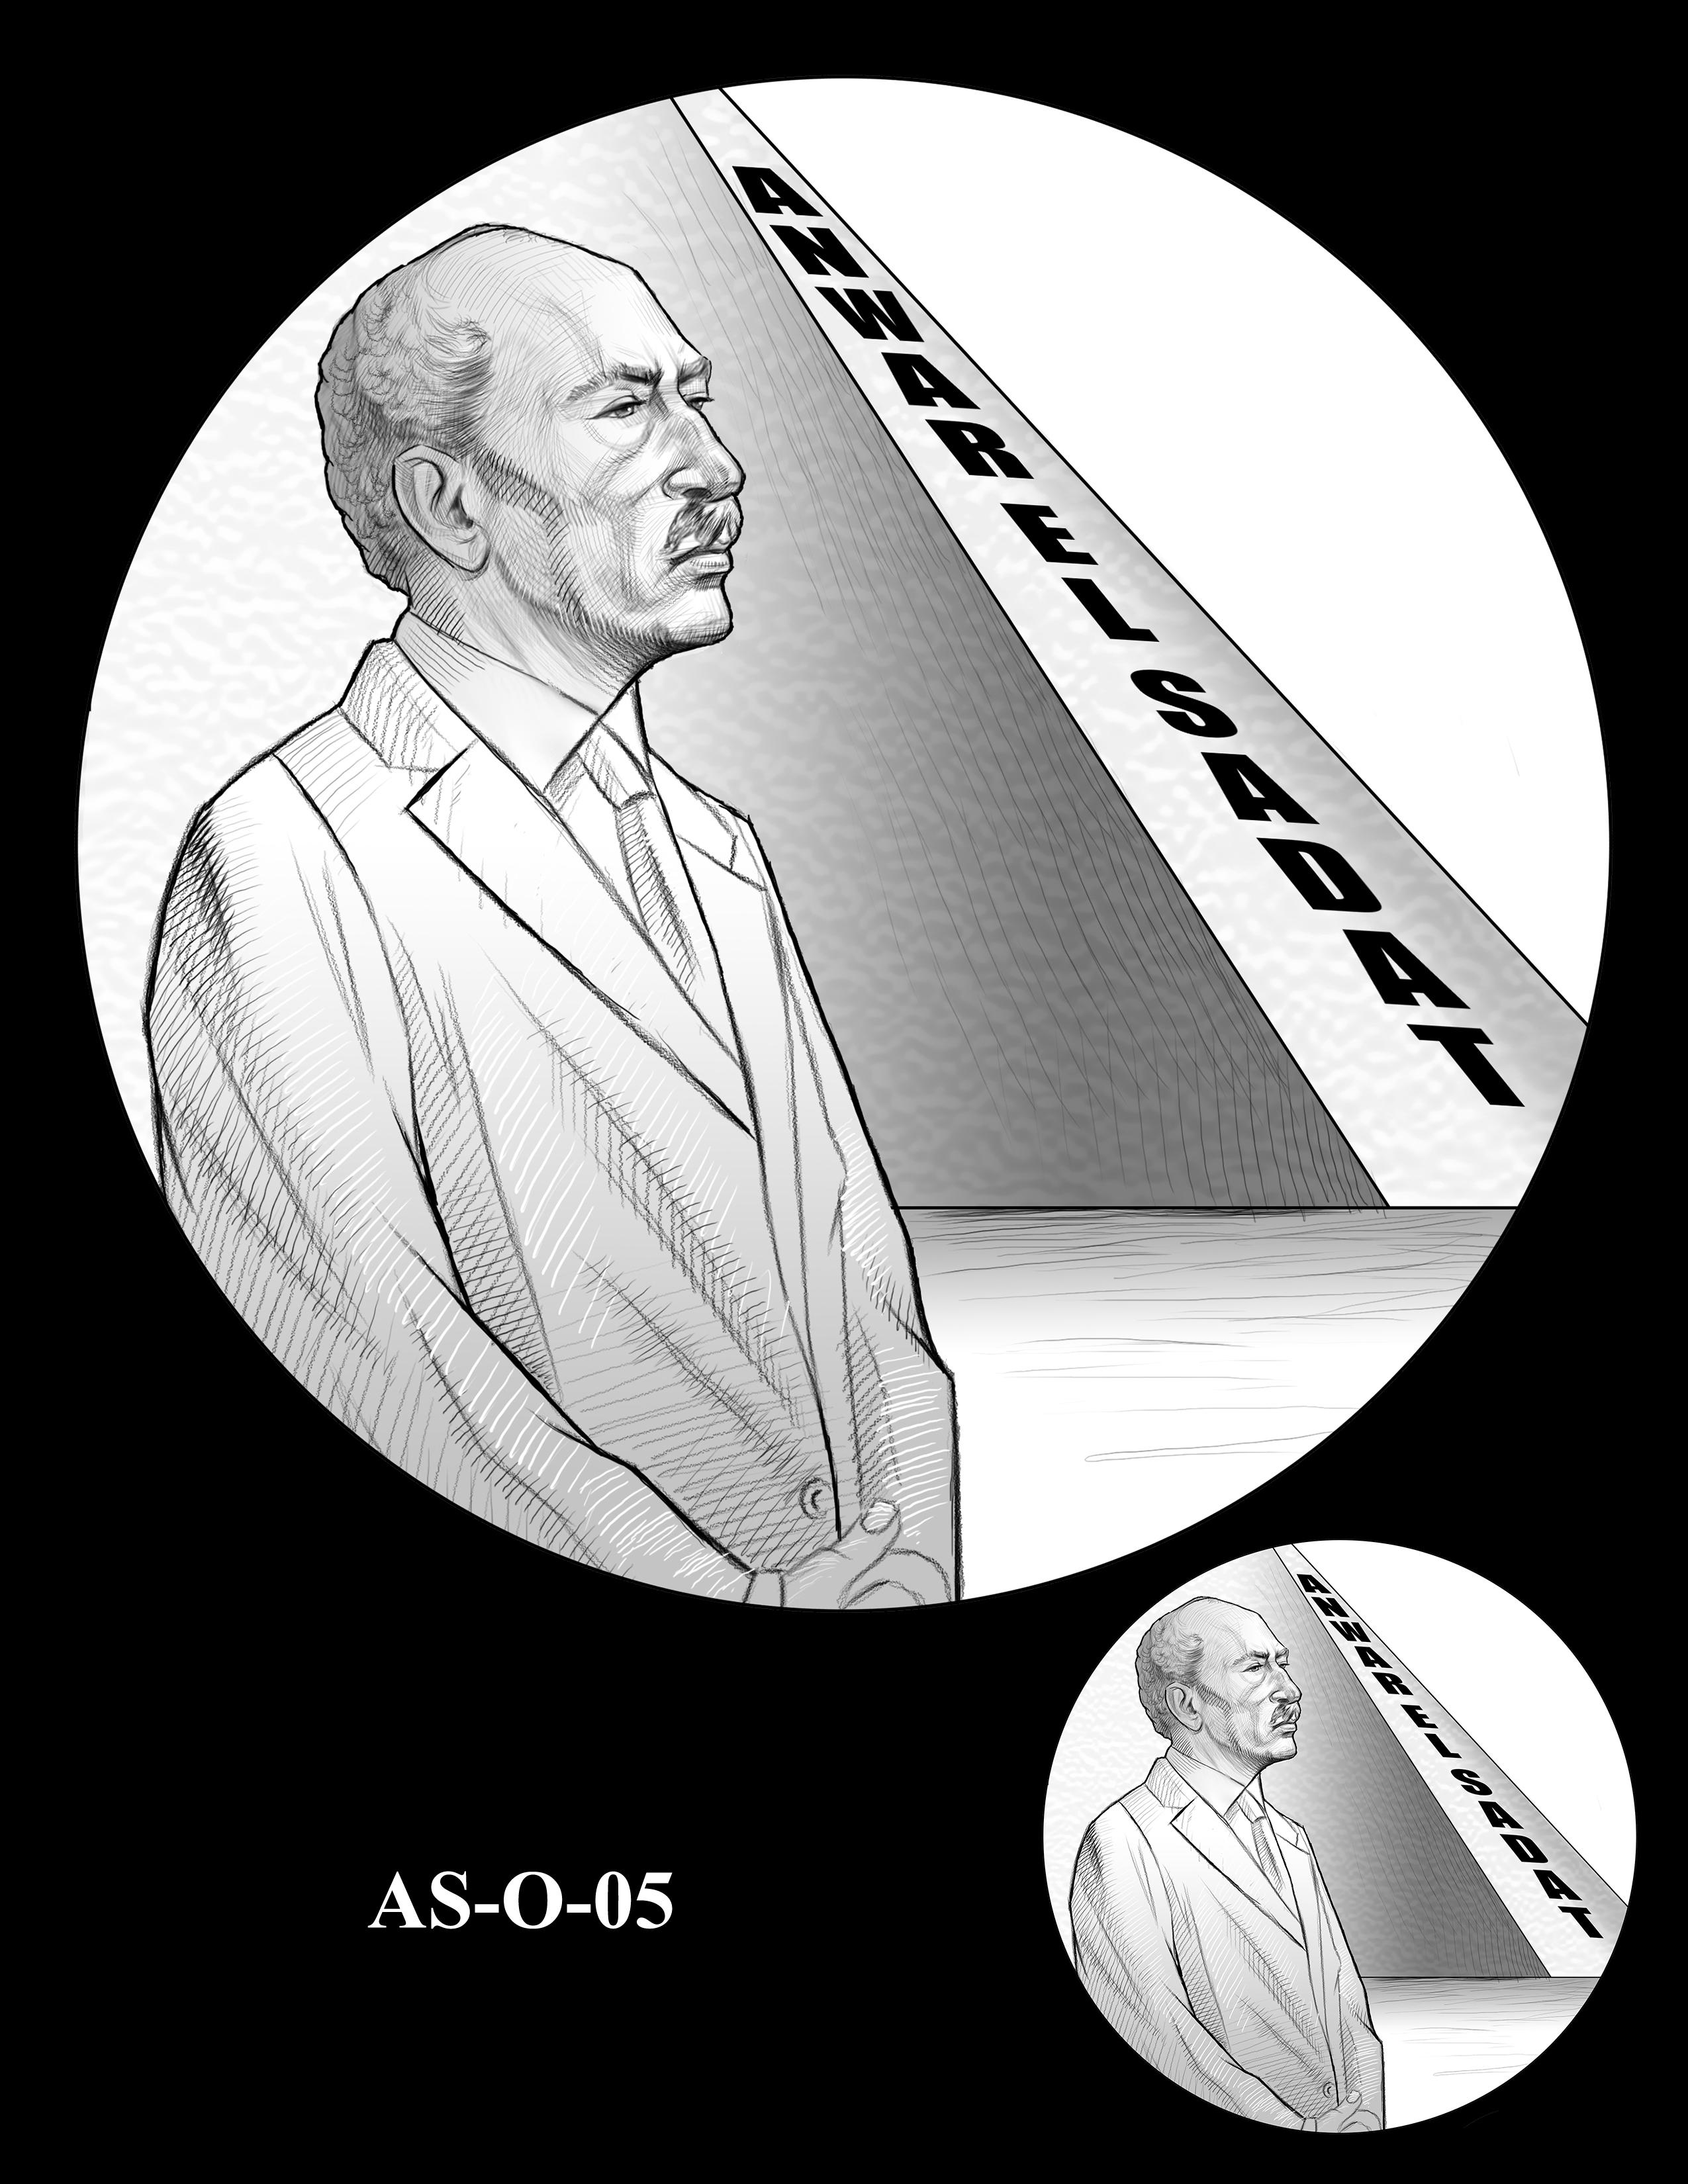 AS-O-05 -- Anwar El Sadat CGM Obverse